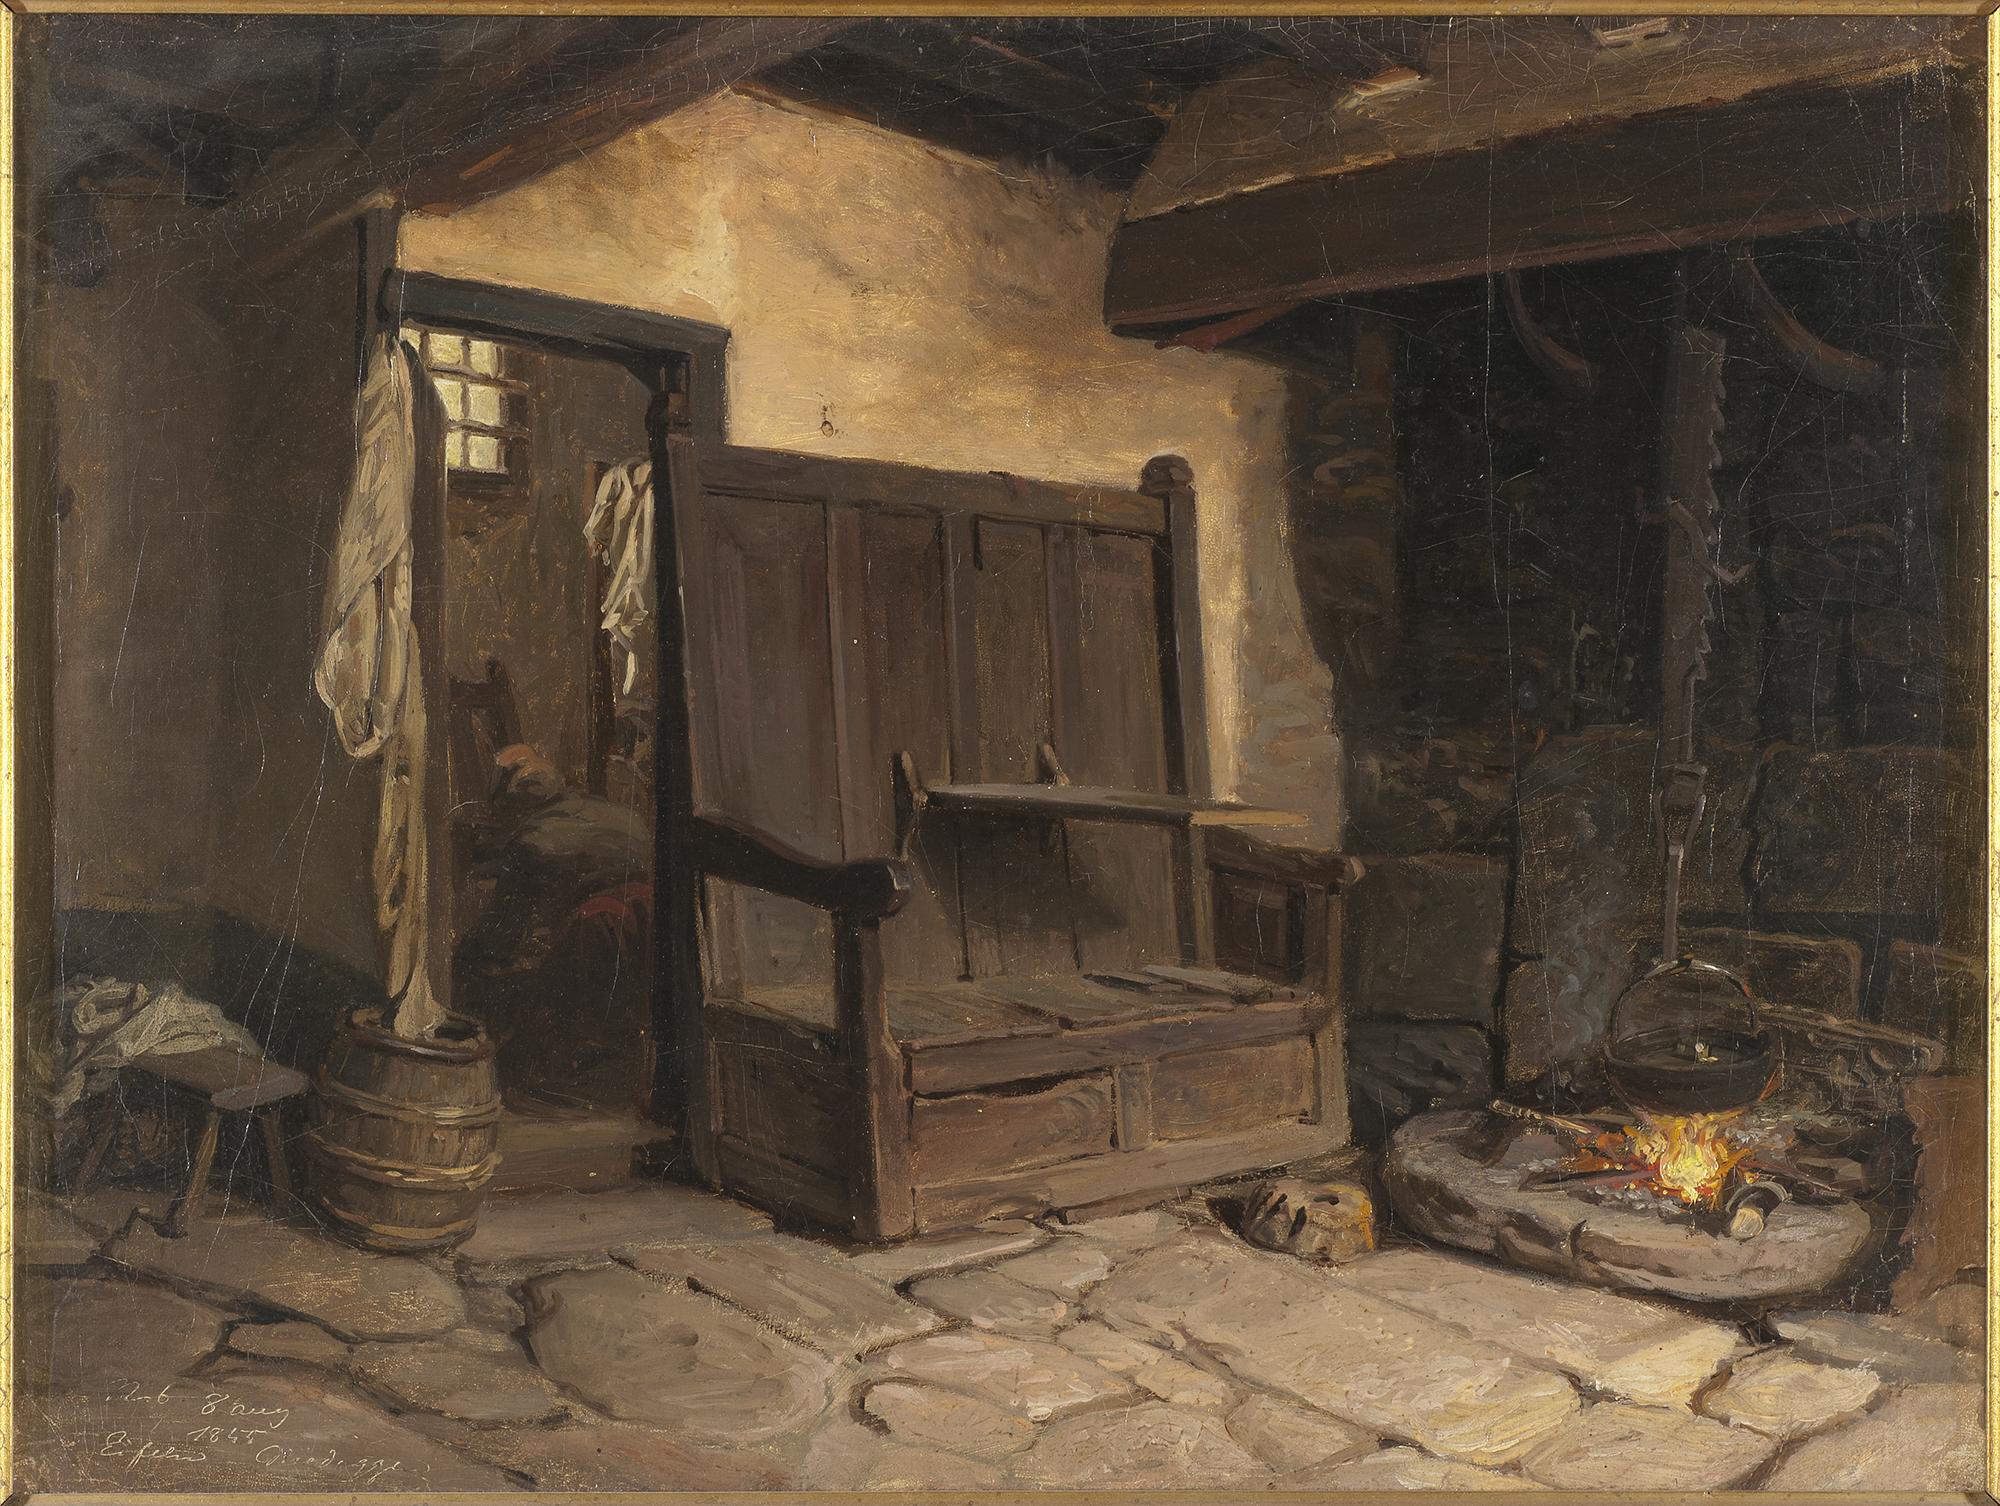 Inredningen i de flesta bostäder var enkel och bestod av väggfasta bänkar. Elden och spisen var husets hjärta. Denna bild, En stuginteriör, målades på 1800-talet av Wilhelm Wallander men ger ändå en bild av knappheten. Nationalmuseum.